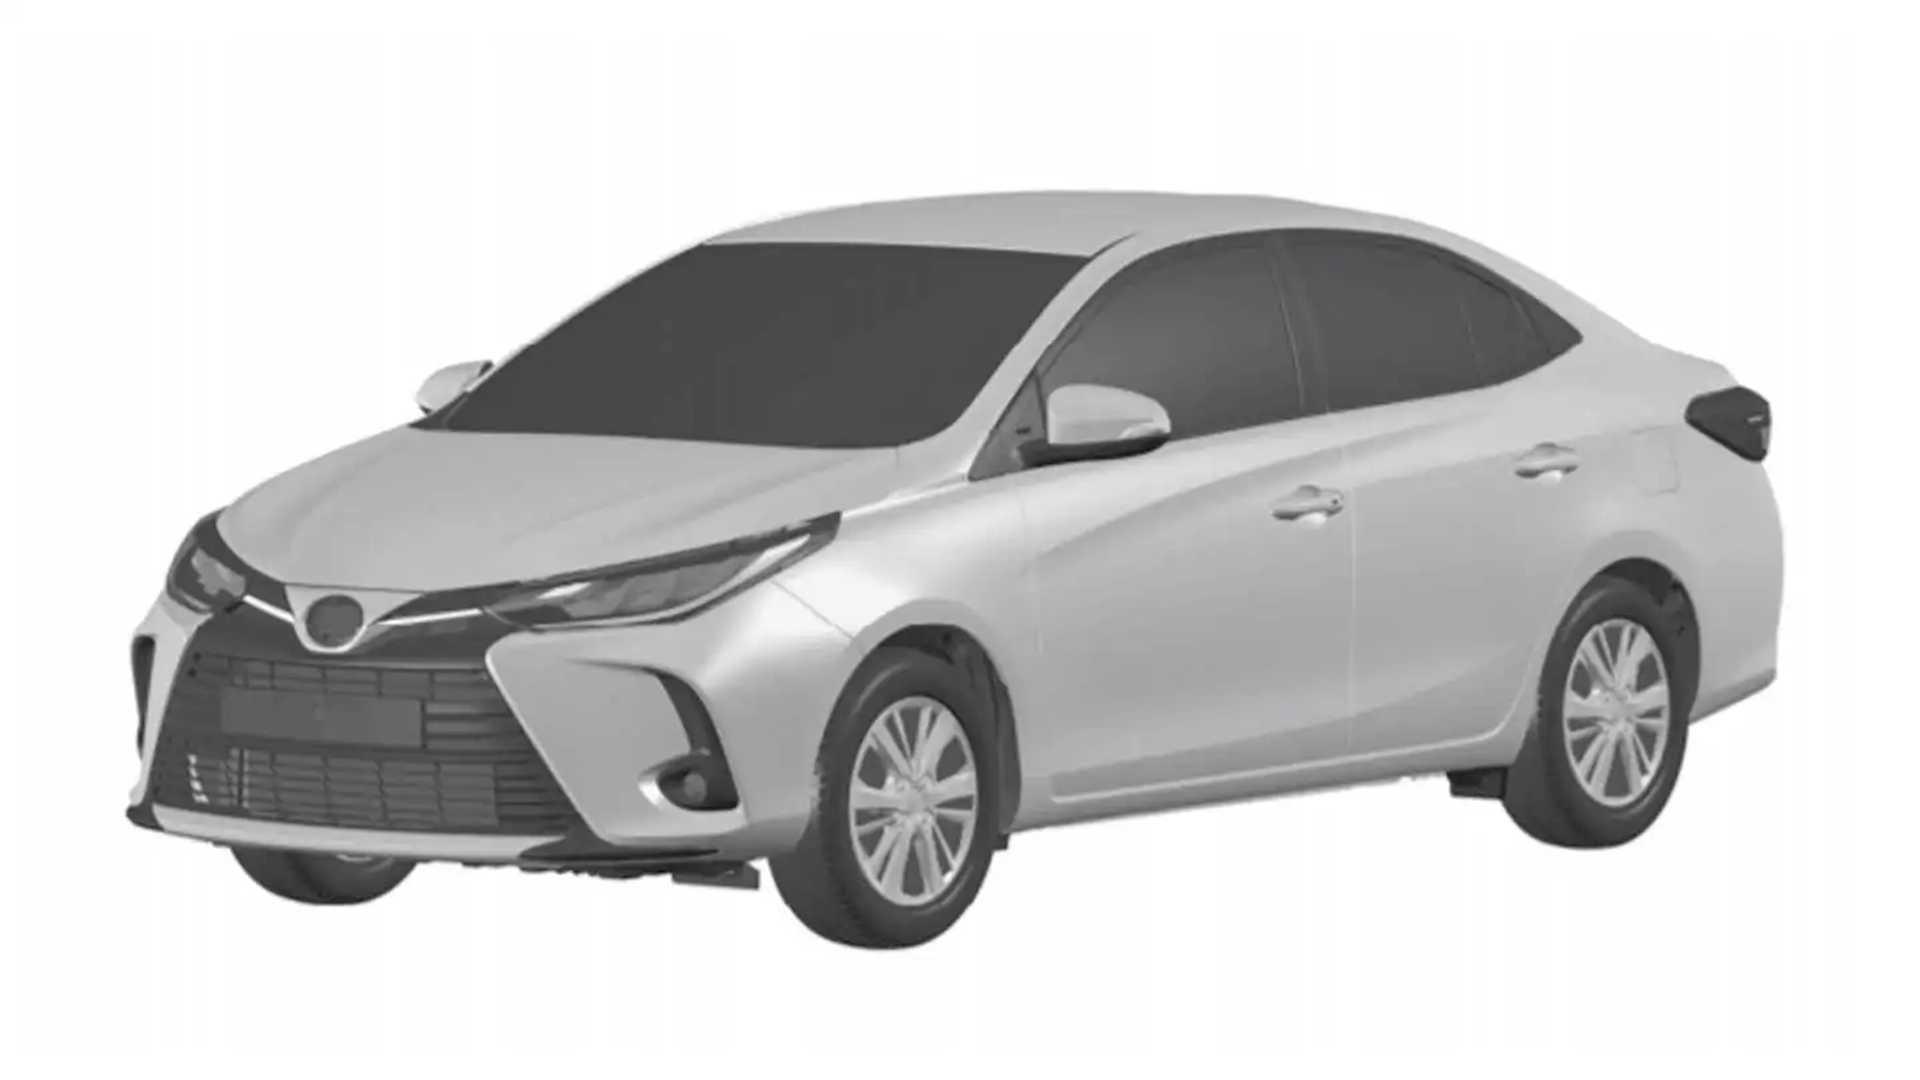 Toyota Yaris Sedan 2023 - Registro no Brasil